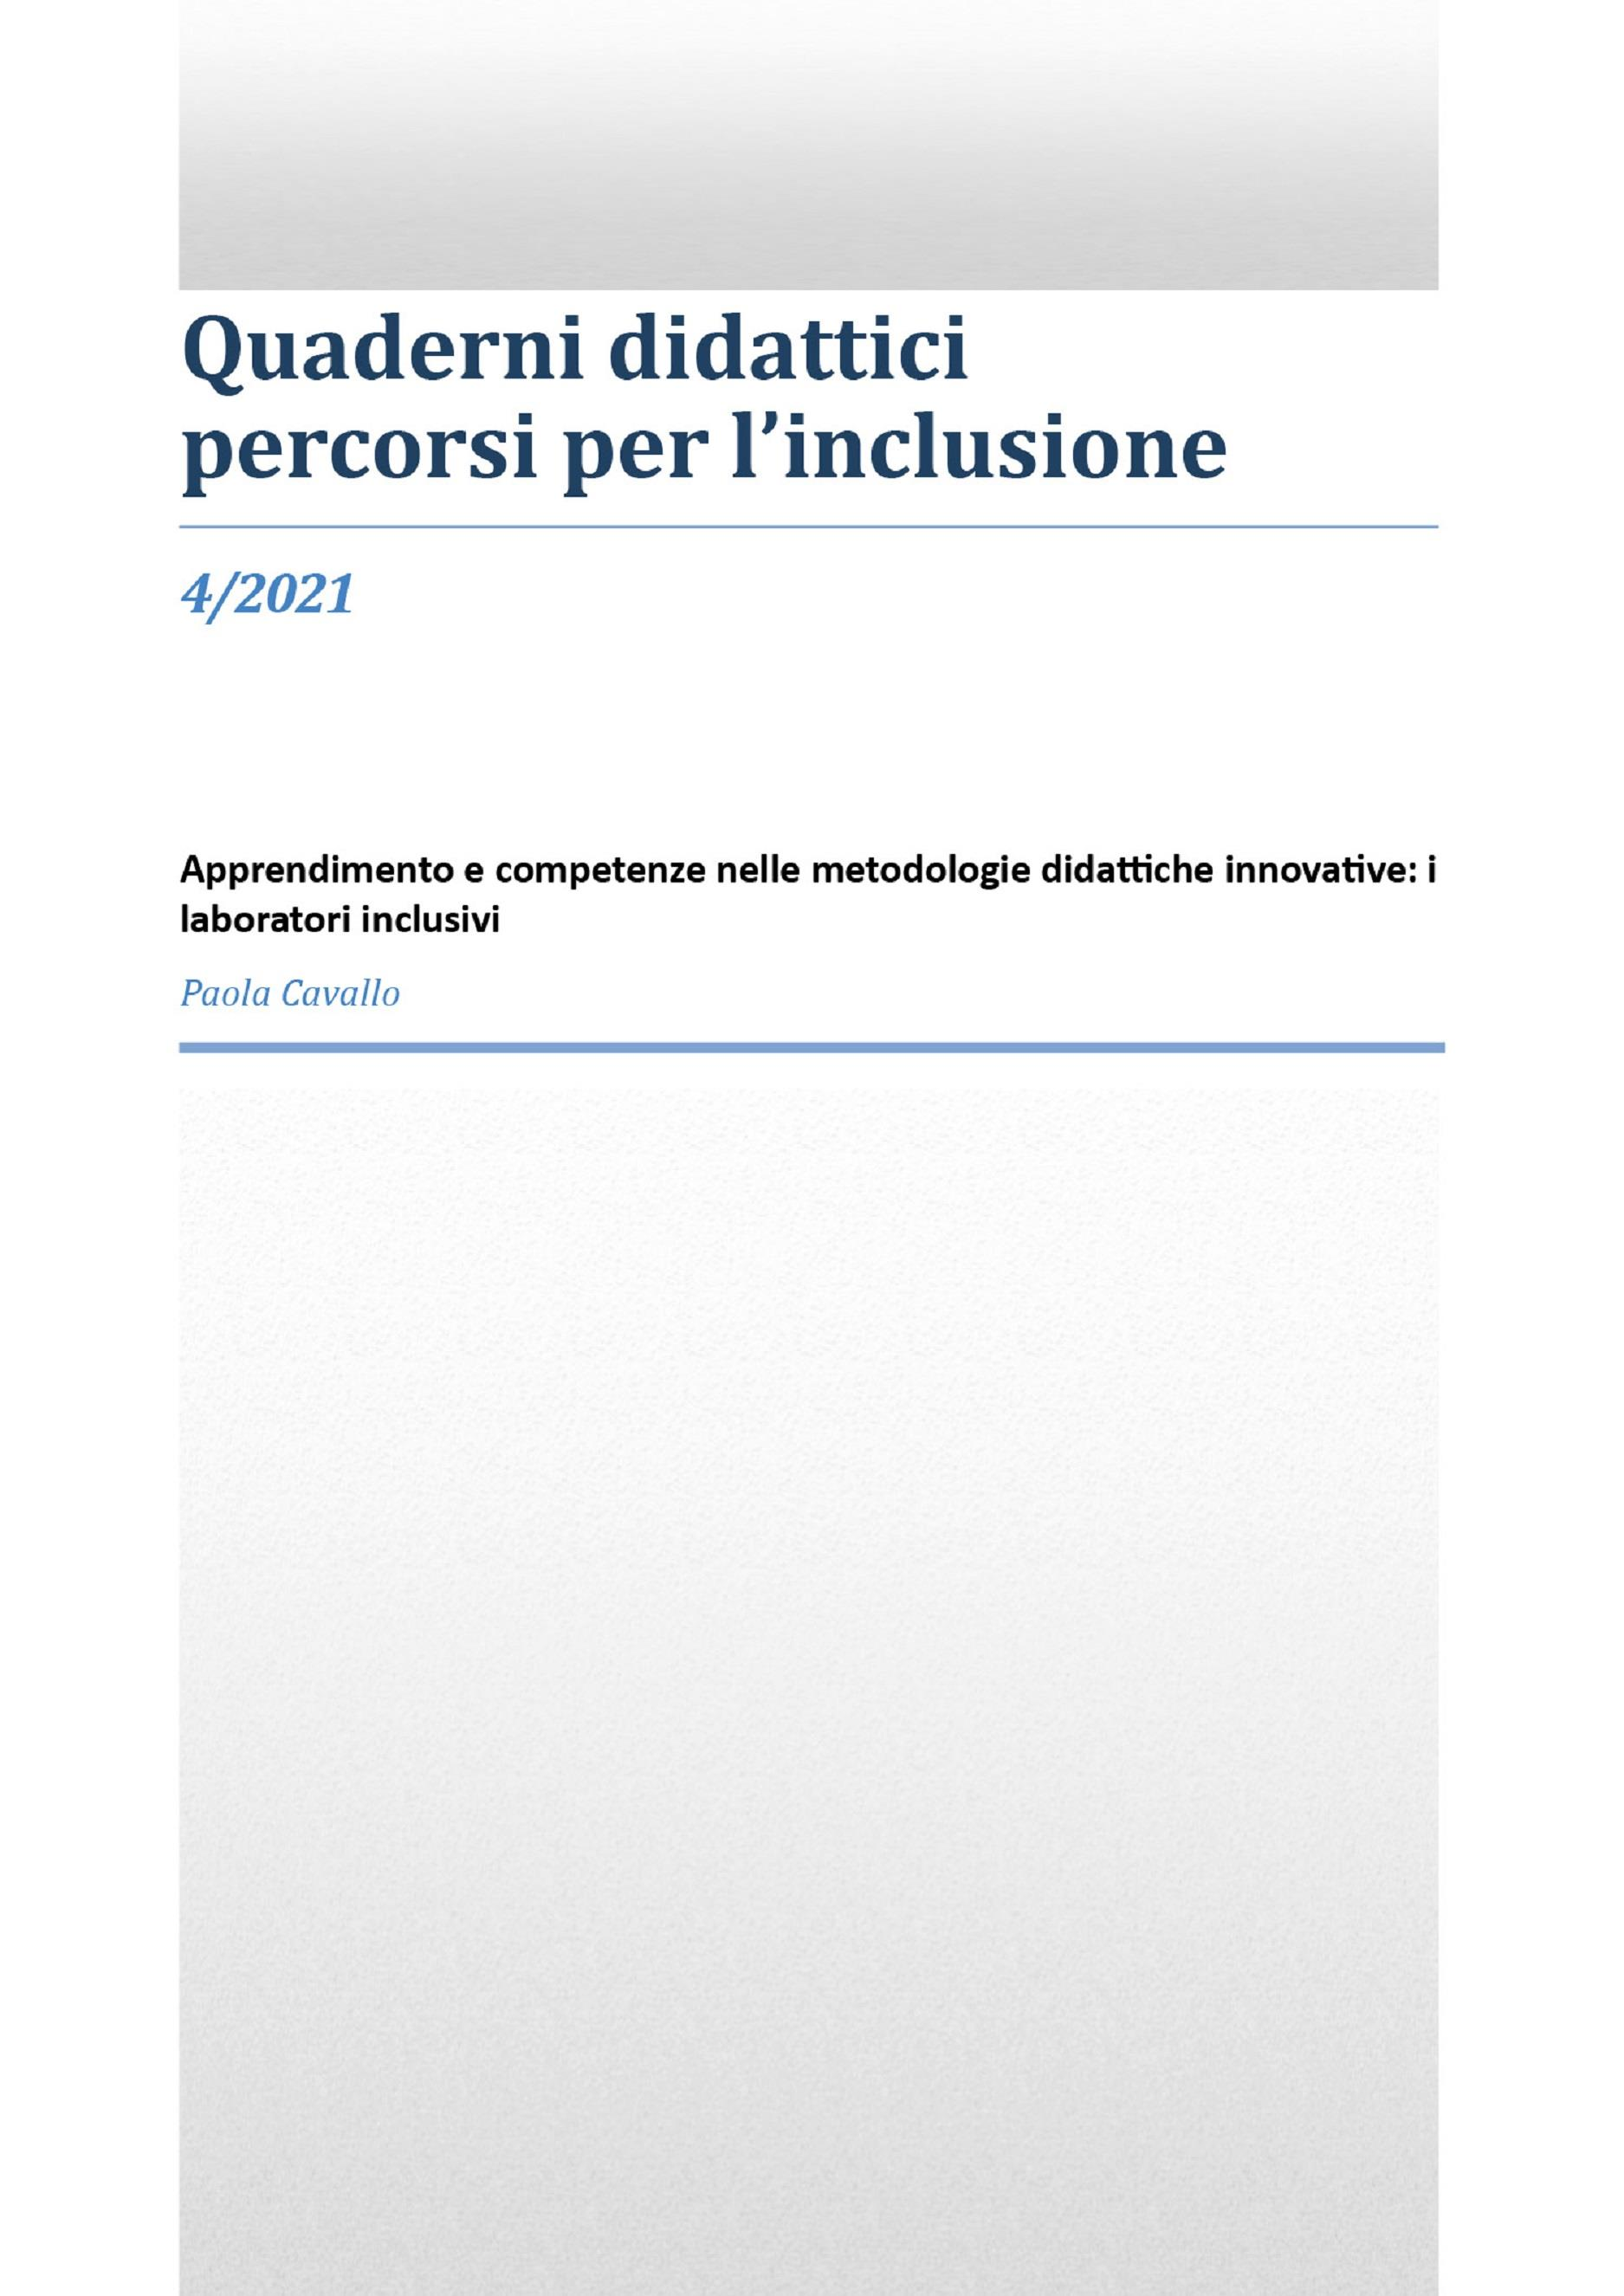 Apprendimento e competenze nelle metodologie didattiche innovative: i laboratori inclusivi